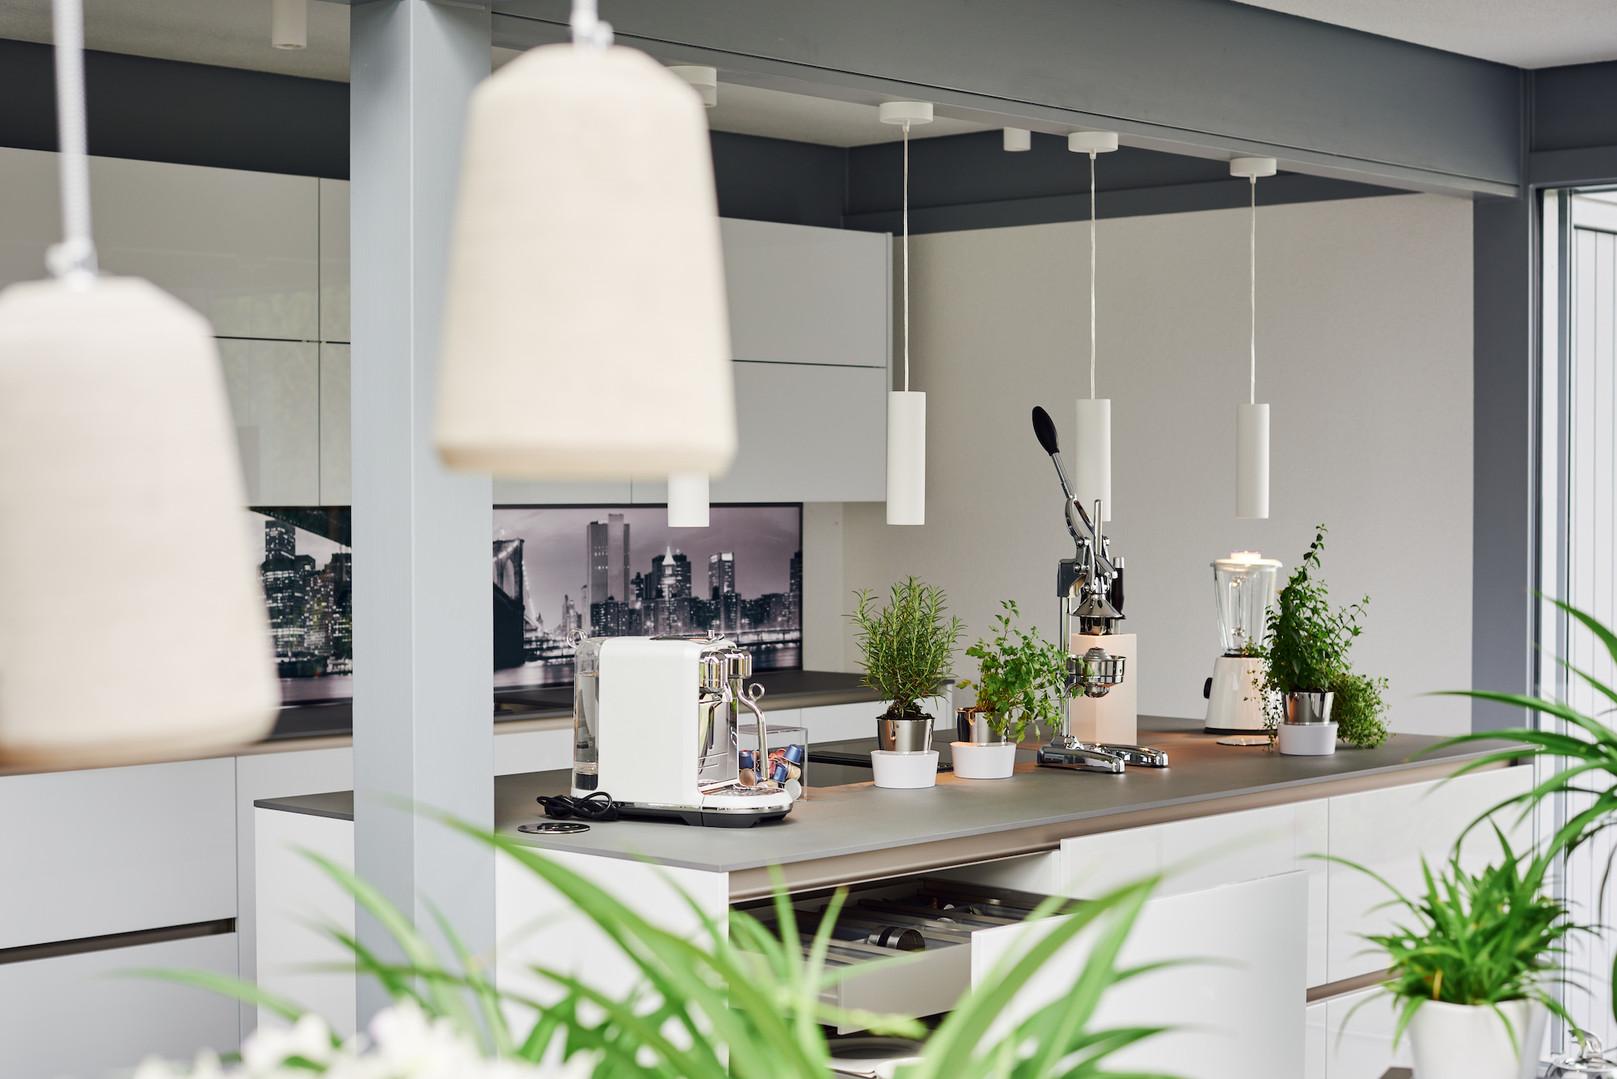 Küchenstudio-Braun_2020-06-05_13-16-02.j